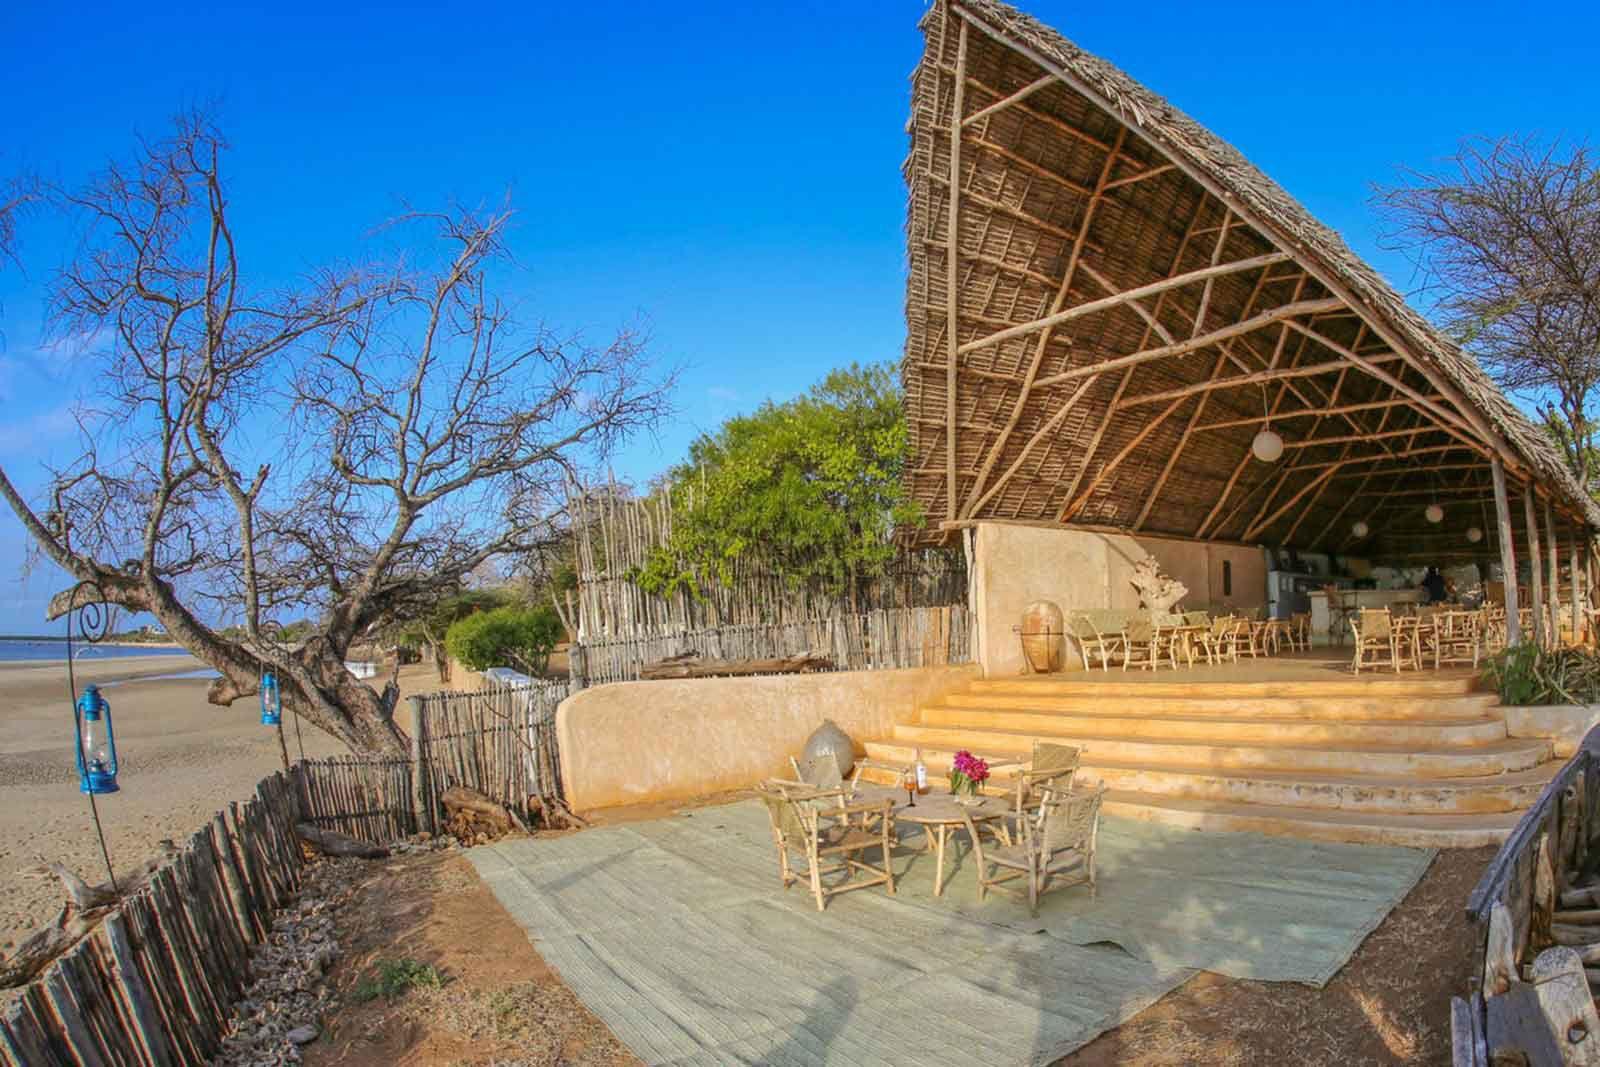 Kizingo Lodge